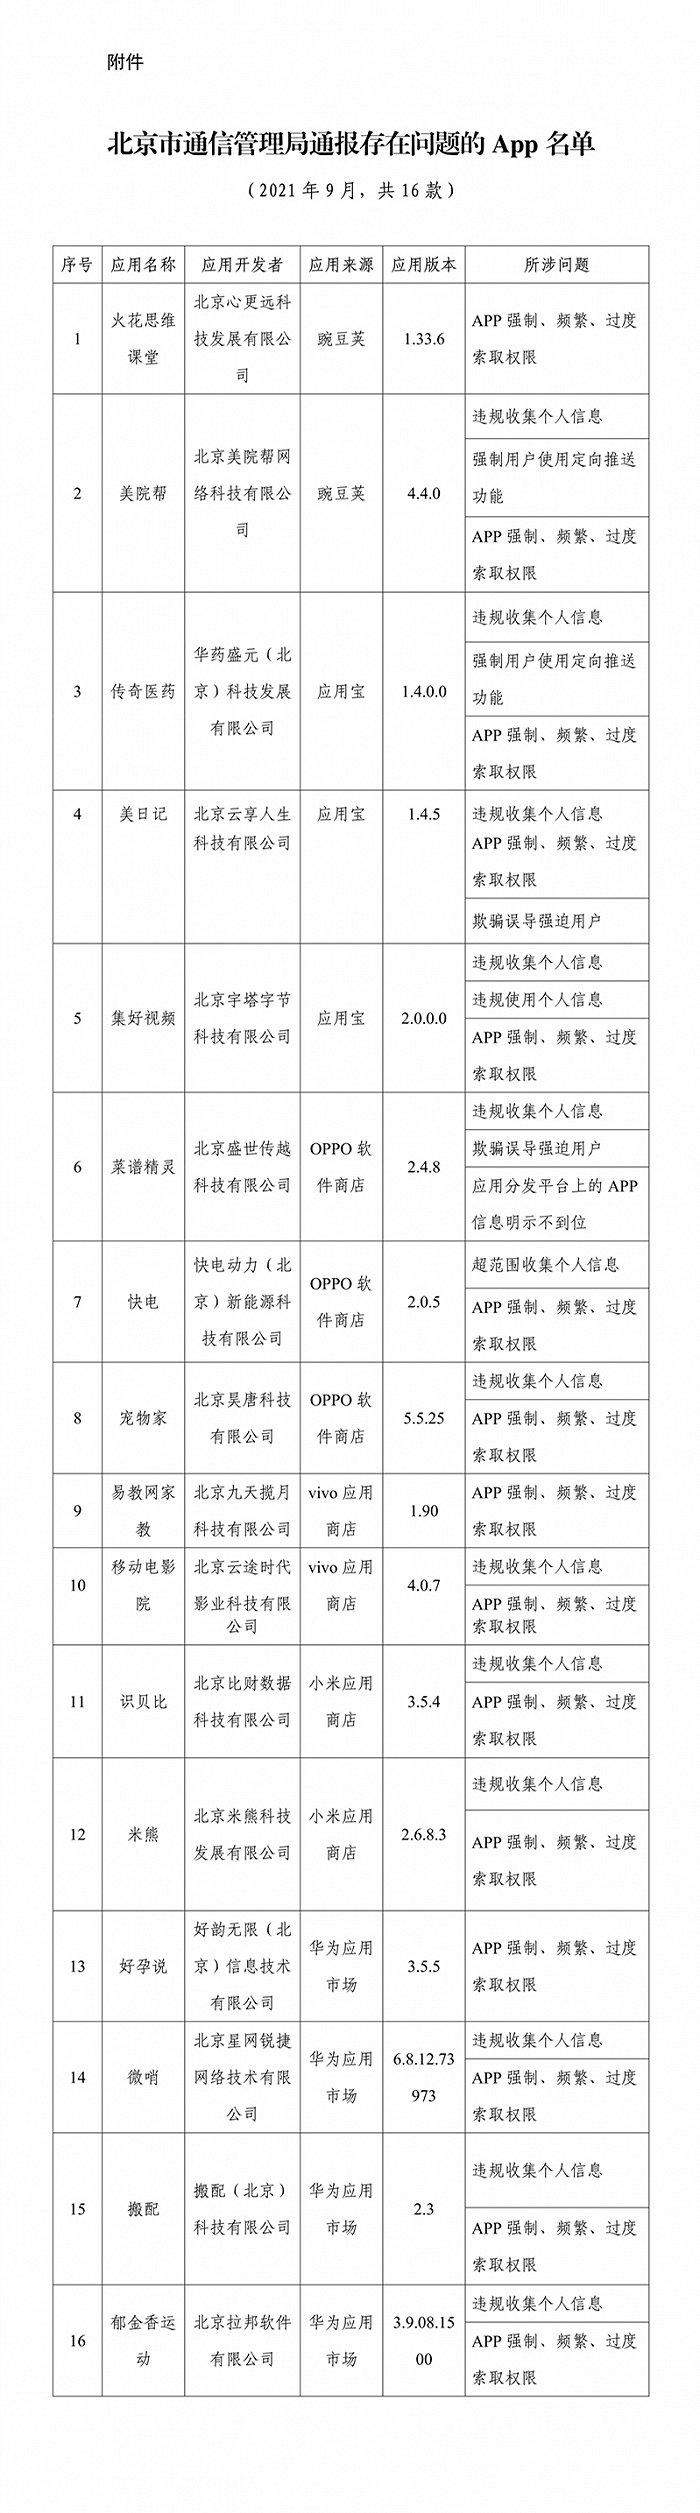 北京市通信管理局通报火花思维课堂等16款侵害用户权益行为App